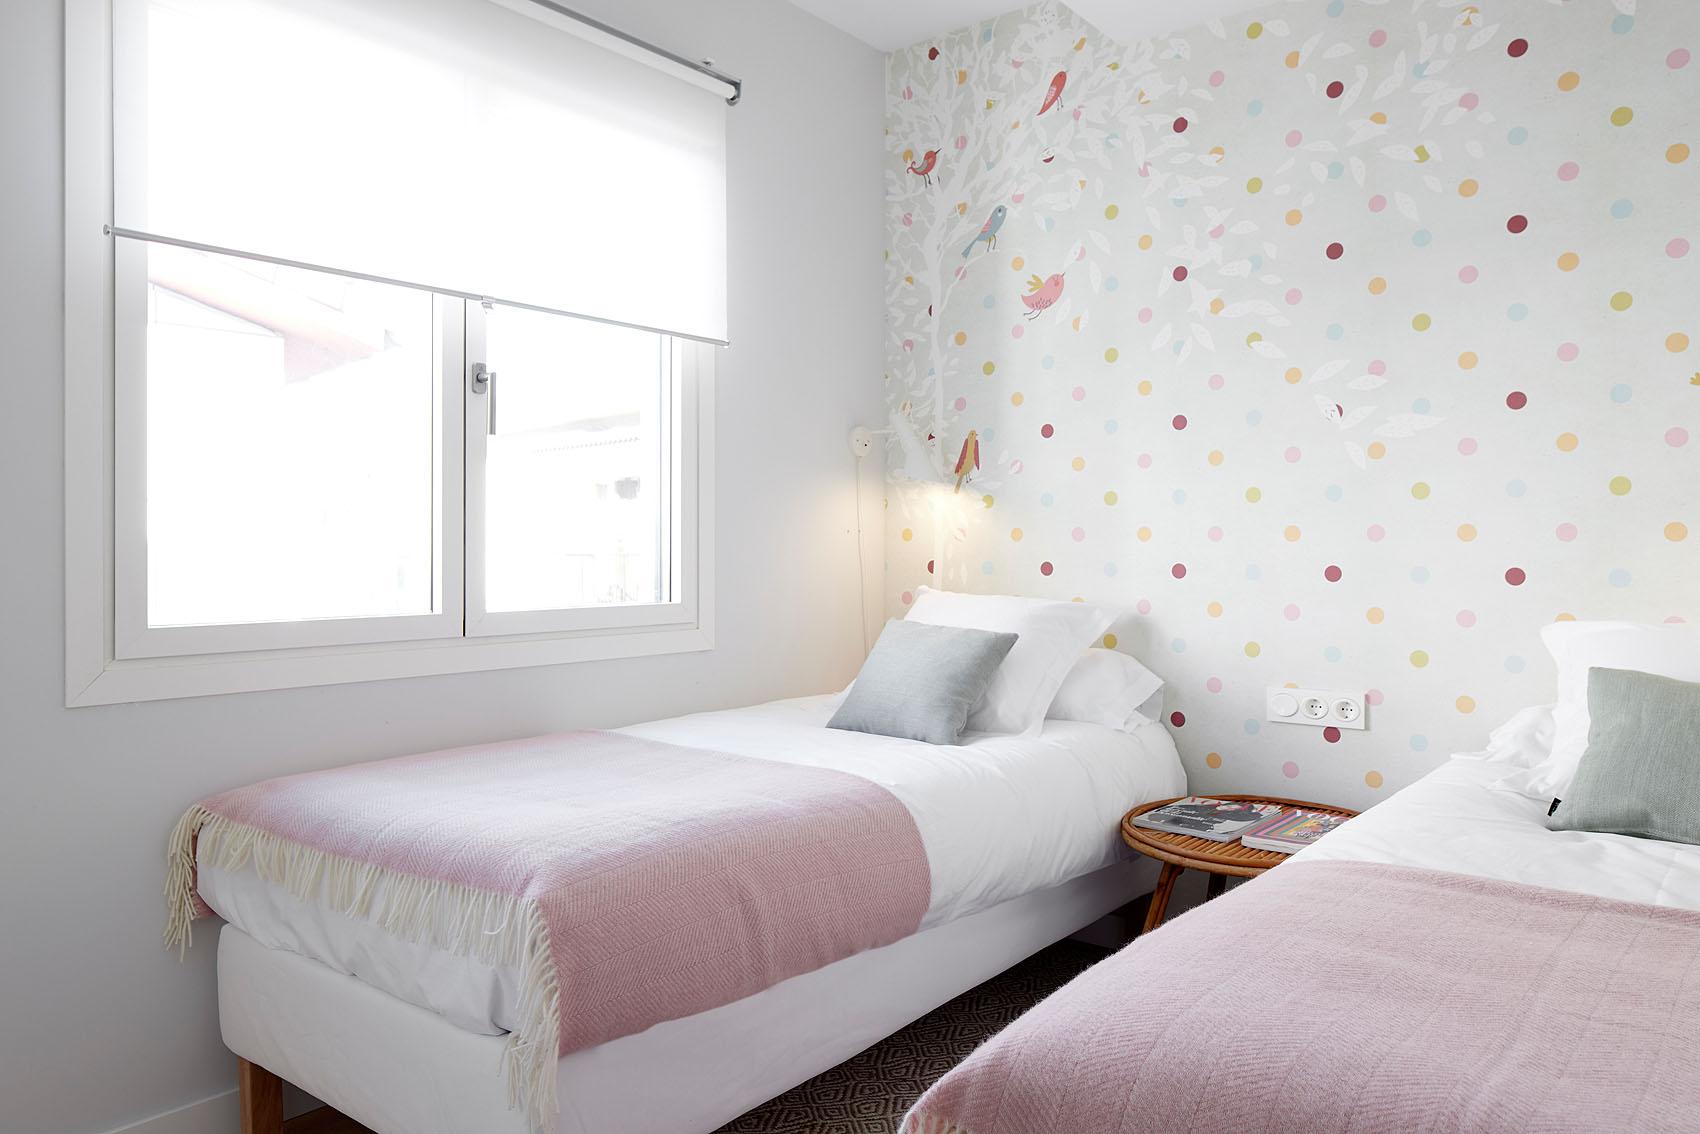 Apartamento Turistico Inurritza - Iñaki Caperochipi - Fotografía